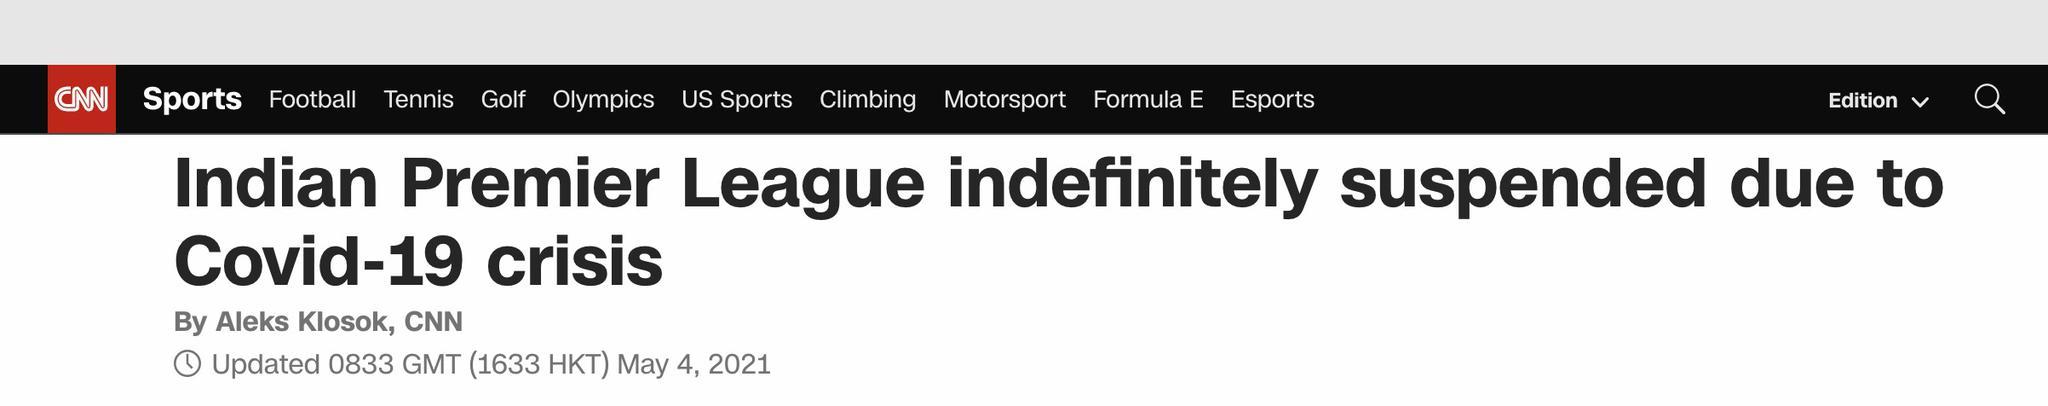 因疫情危机,印度板球超级联赛暂停